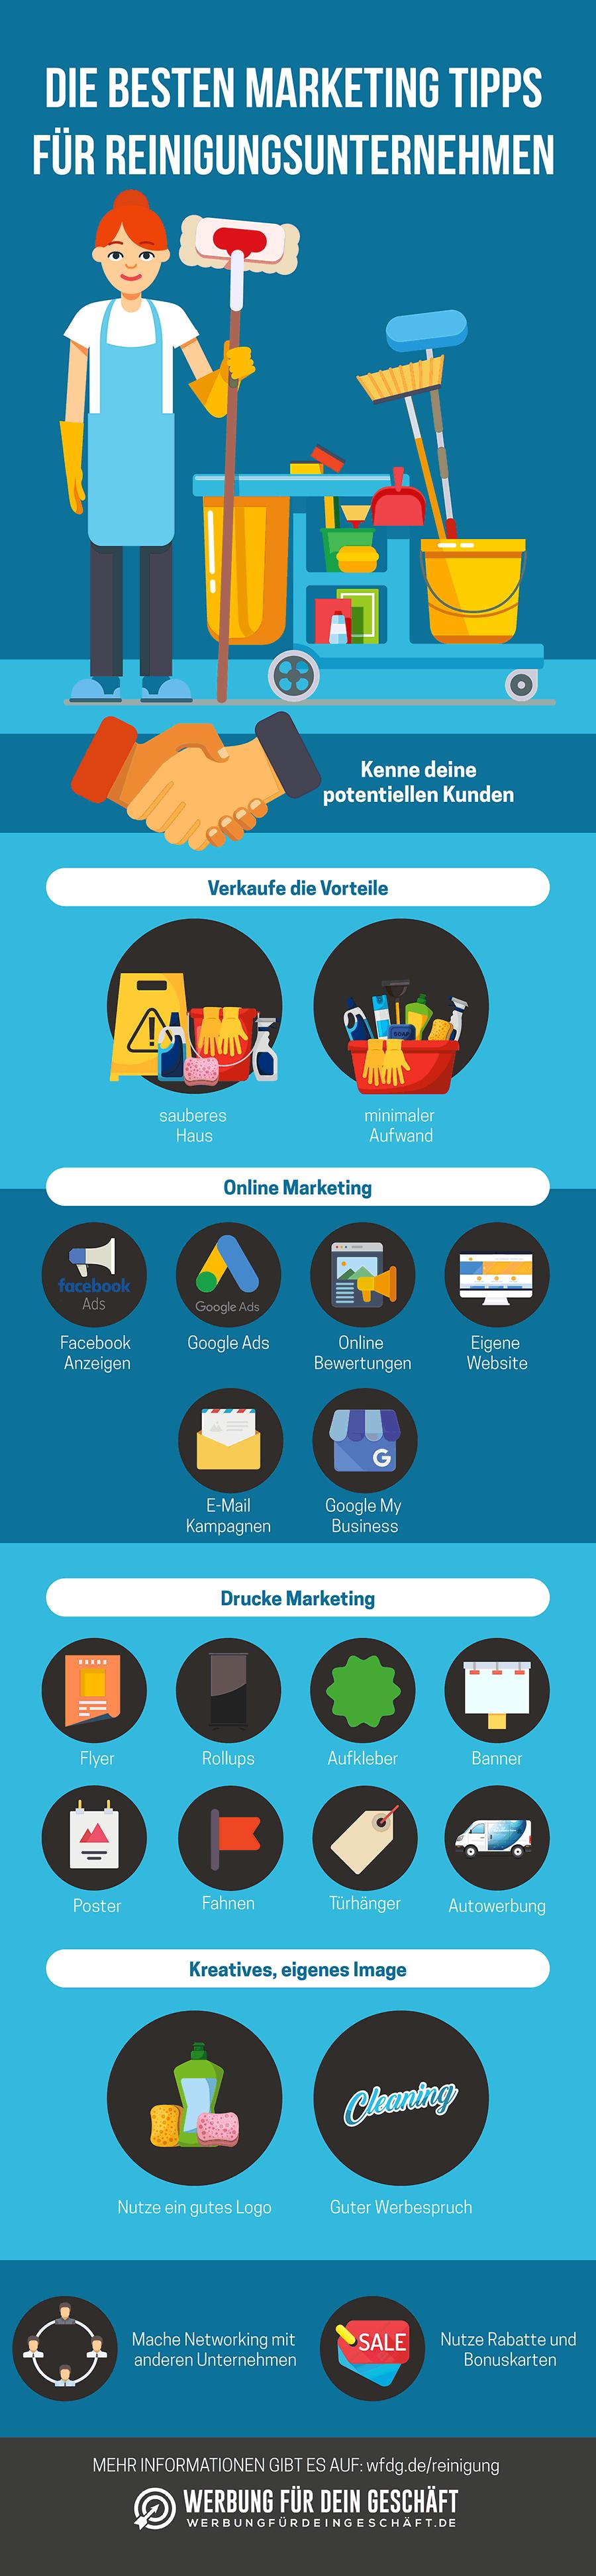 Infografik mit den besten Marketing-Tipps für Reinigungsunternehmen